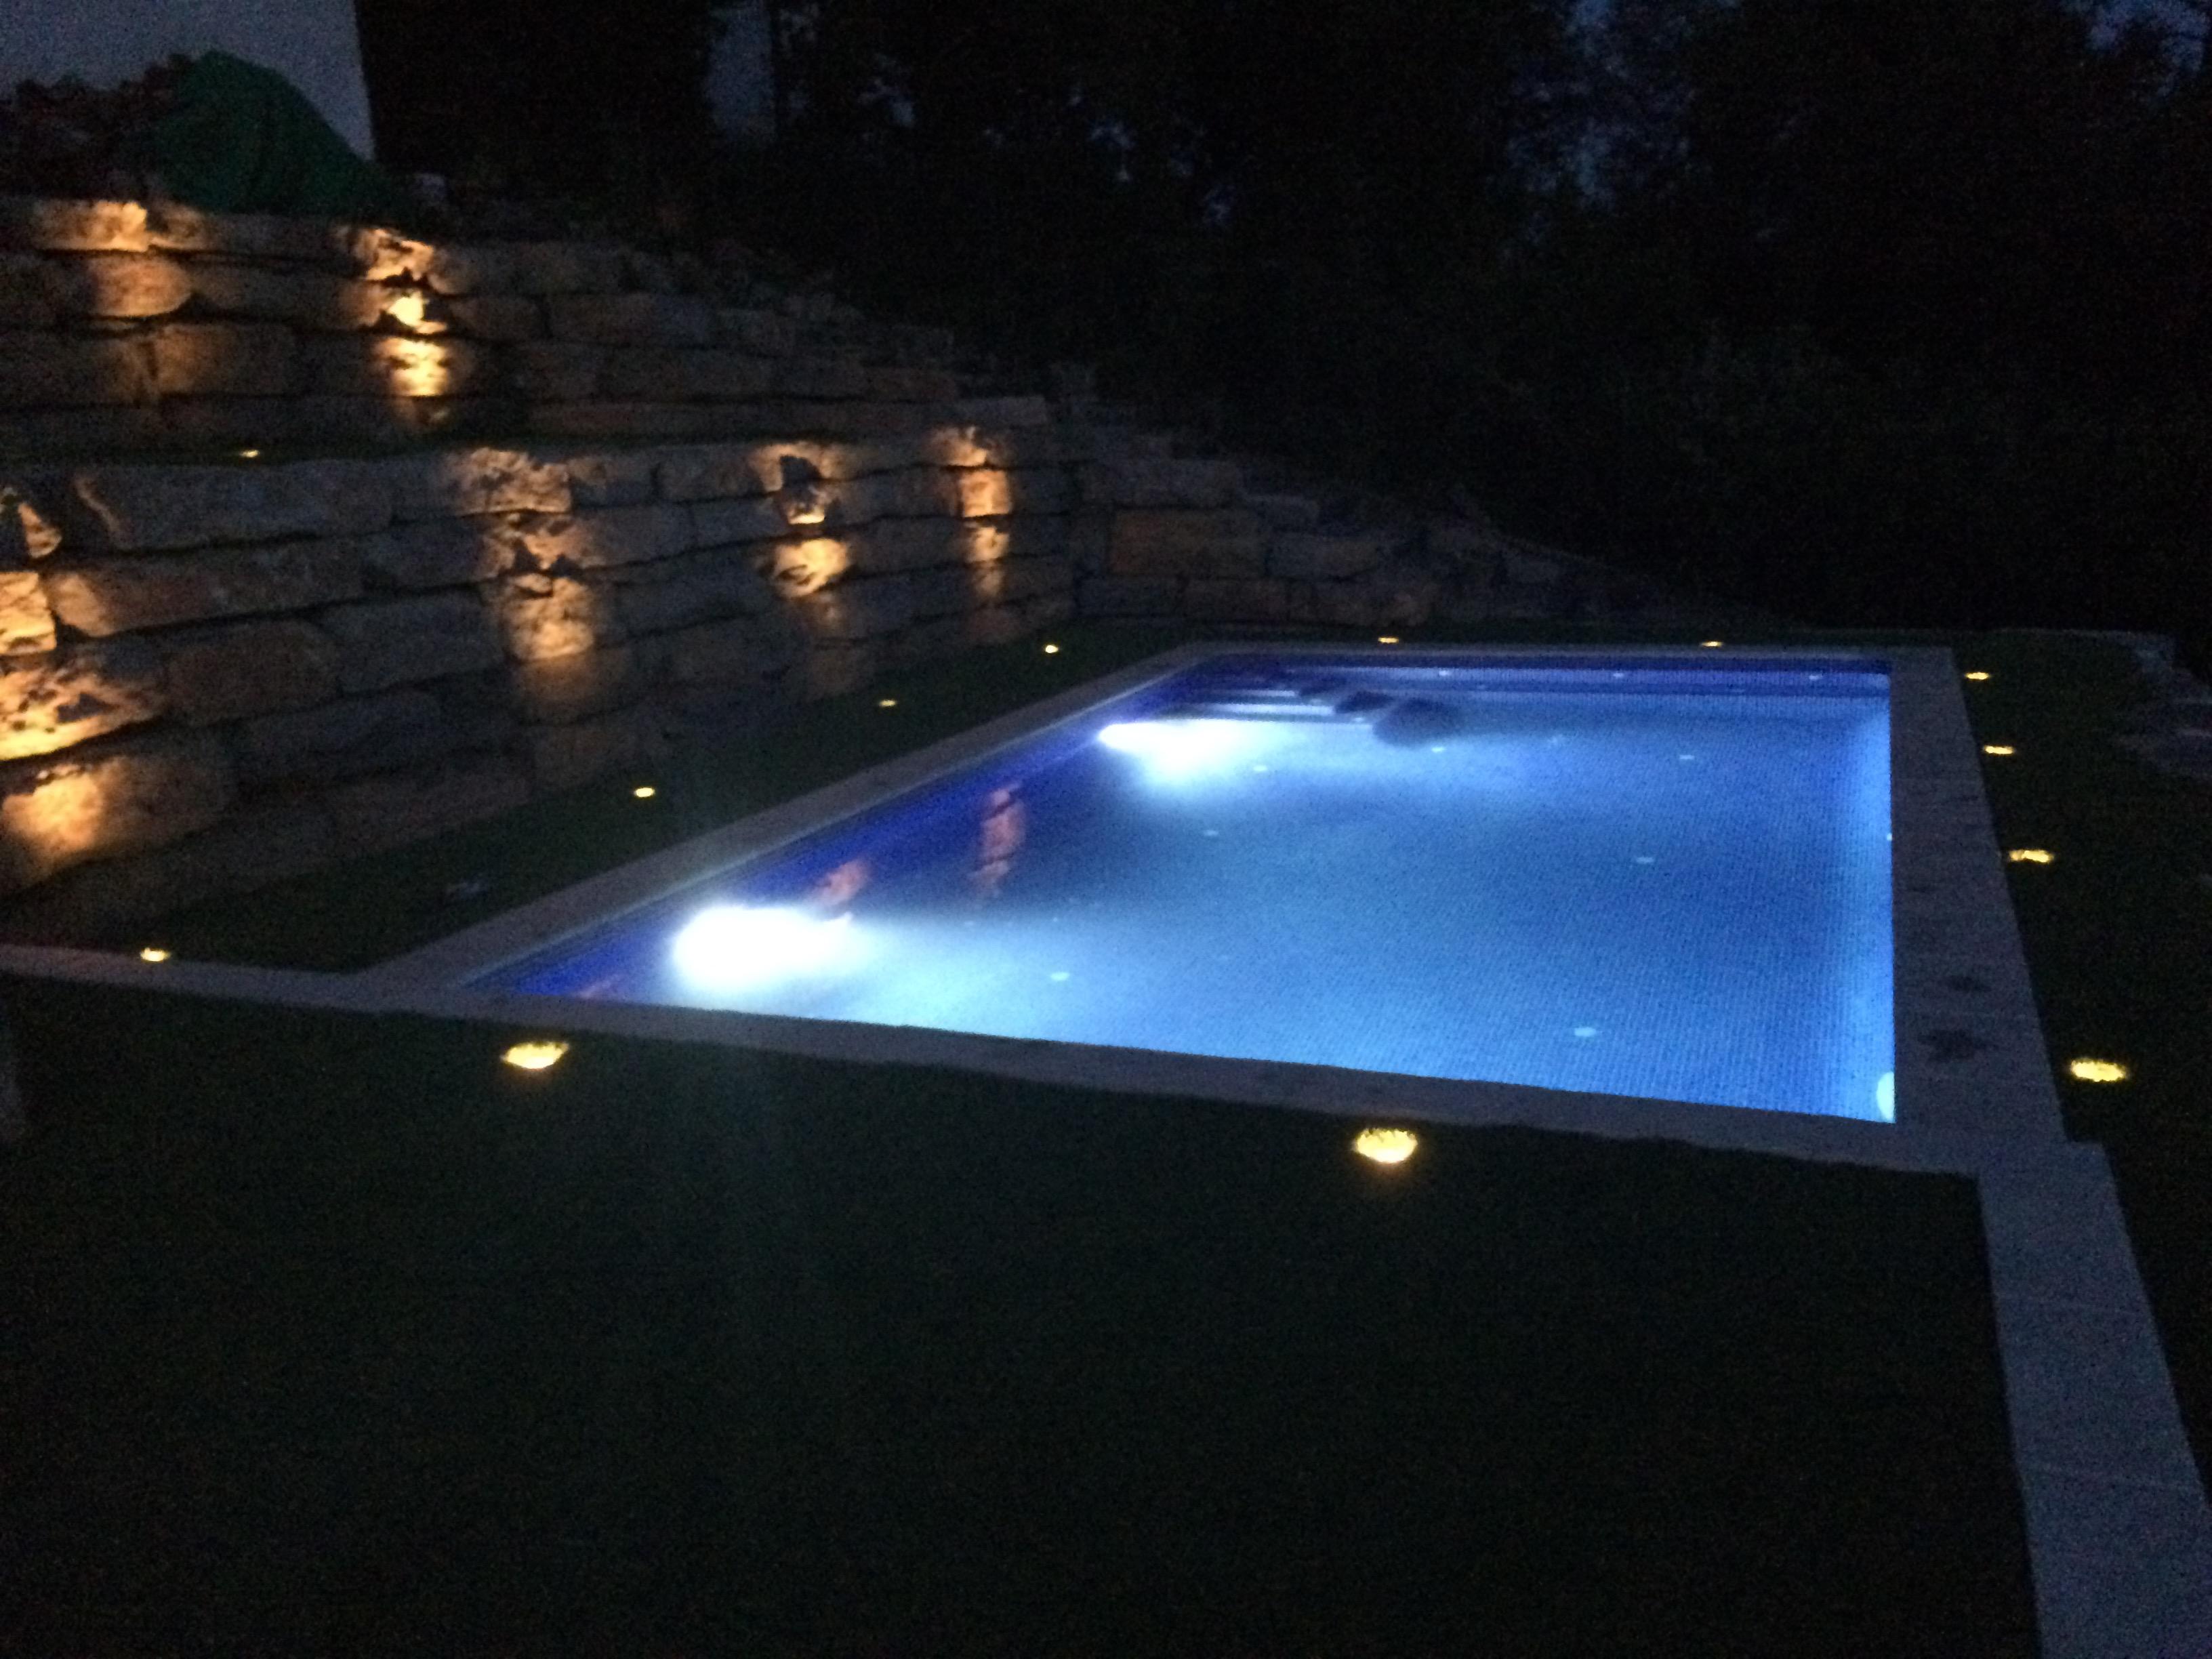 Construcci n piscina en riells i viabrea piscinas aop for Cual es el color piedra